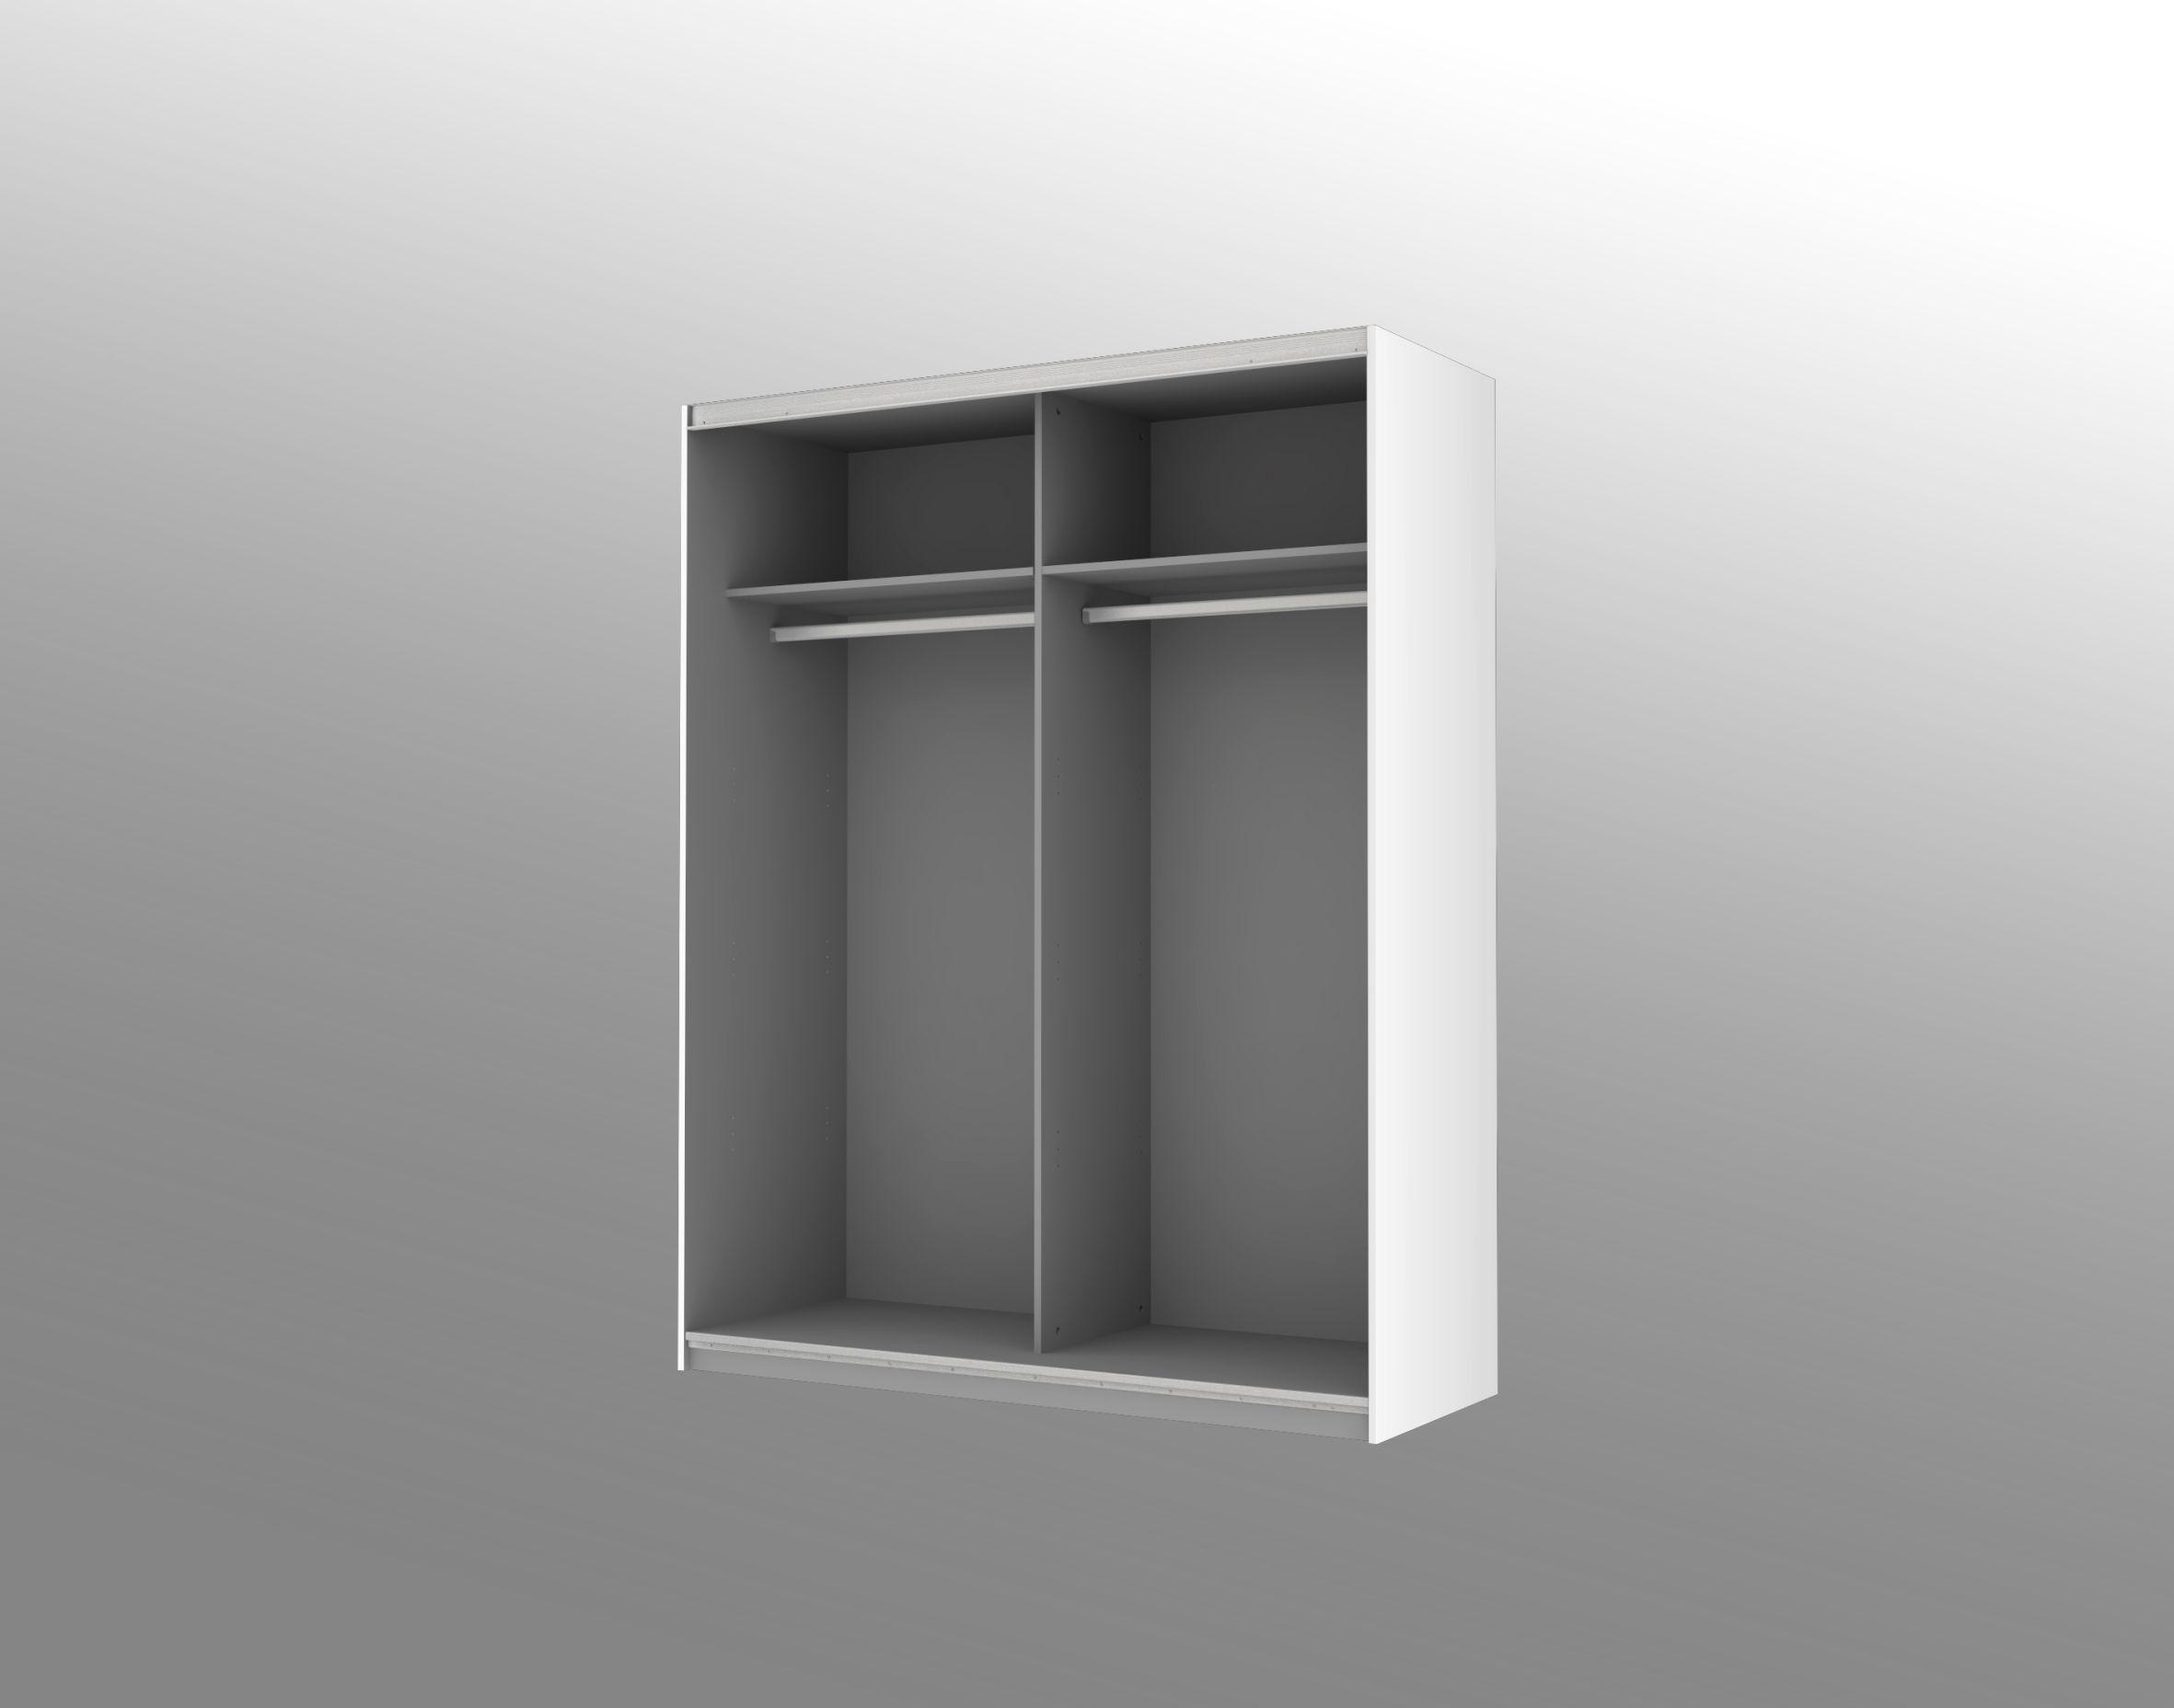 schwebet renschrank ca 270 cm breit starlet plus von forte weiss hgl. Black Bedroom Furniture Sets. Home Design Ideas